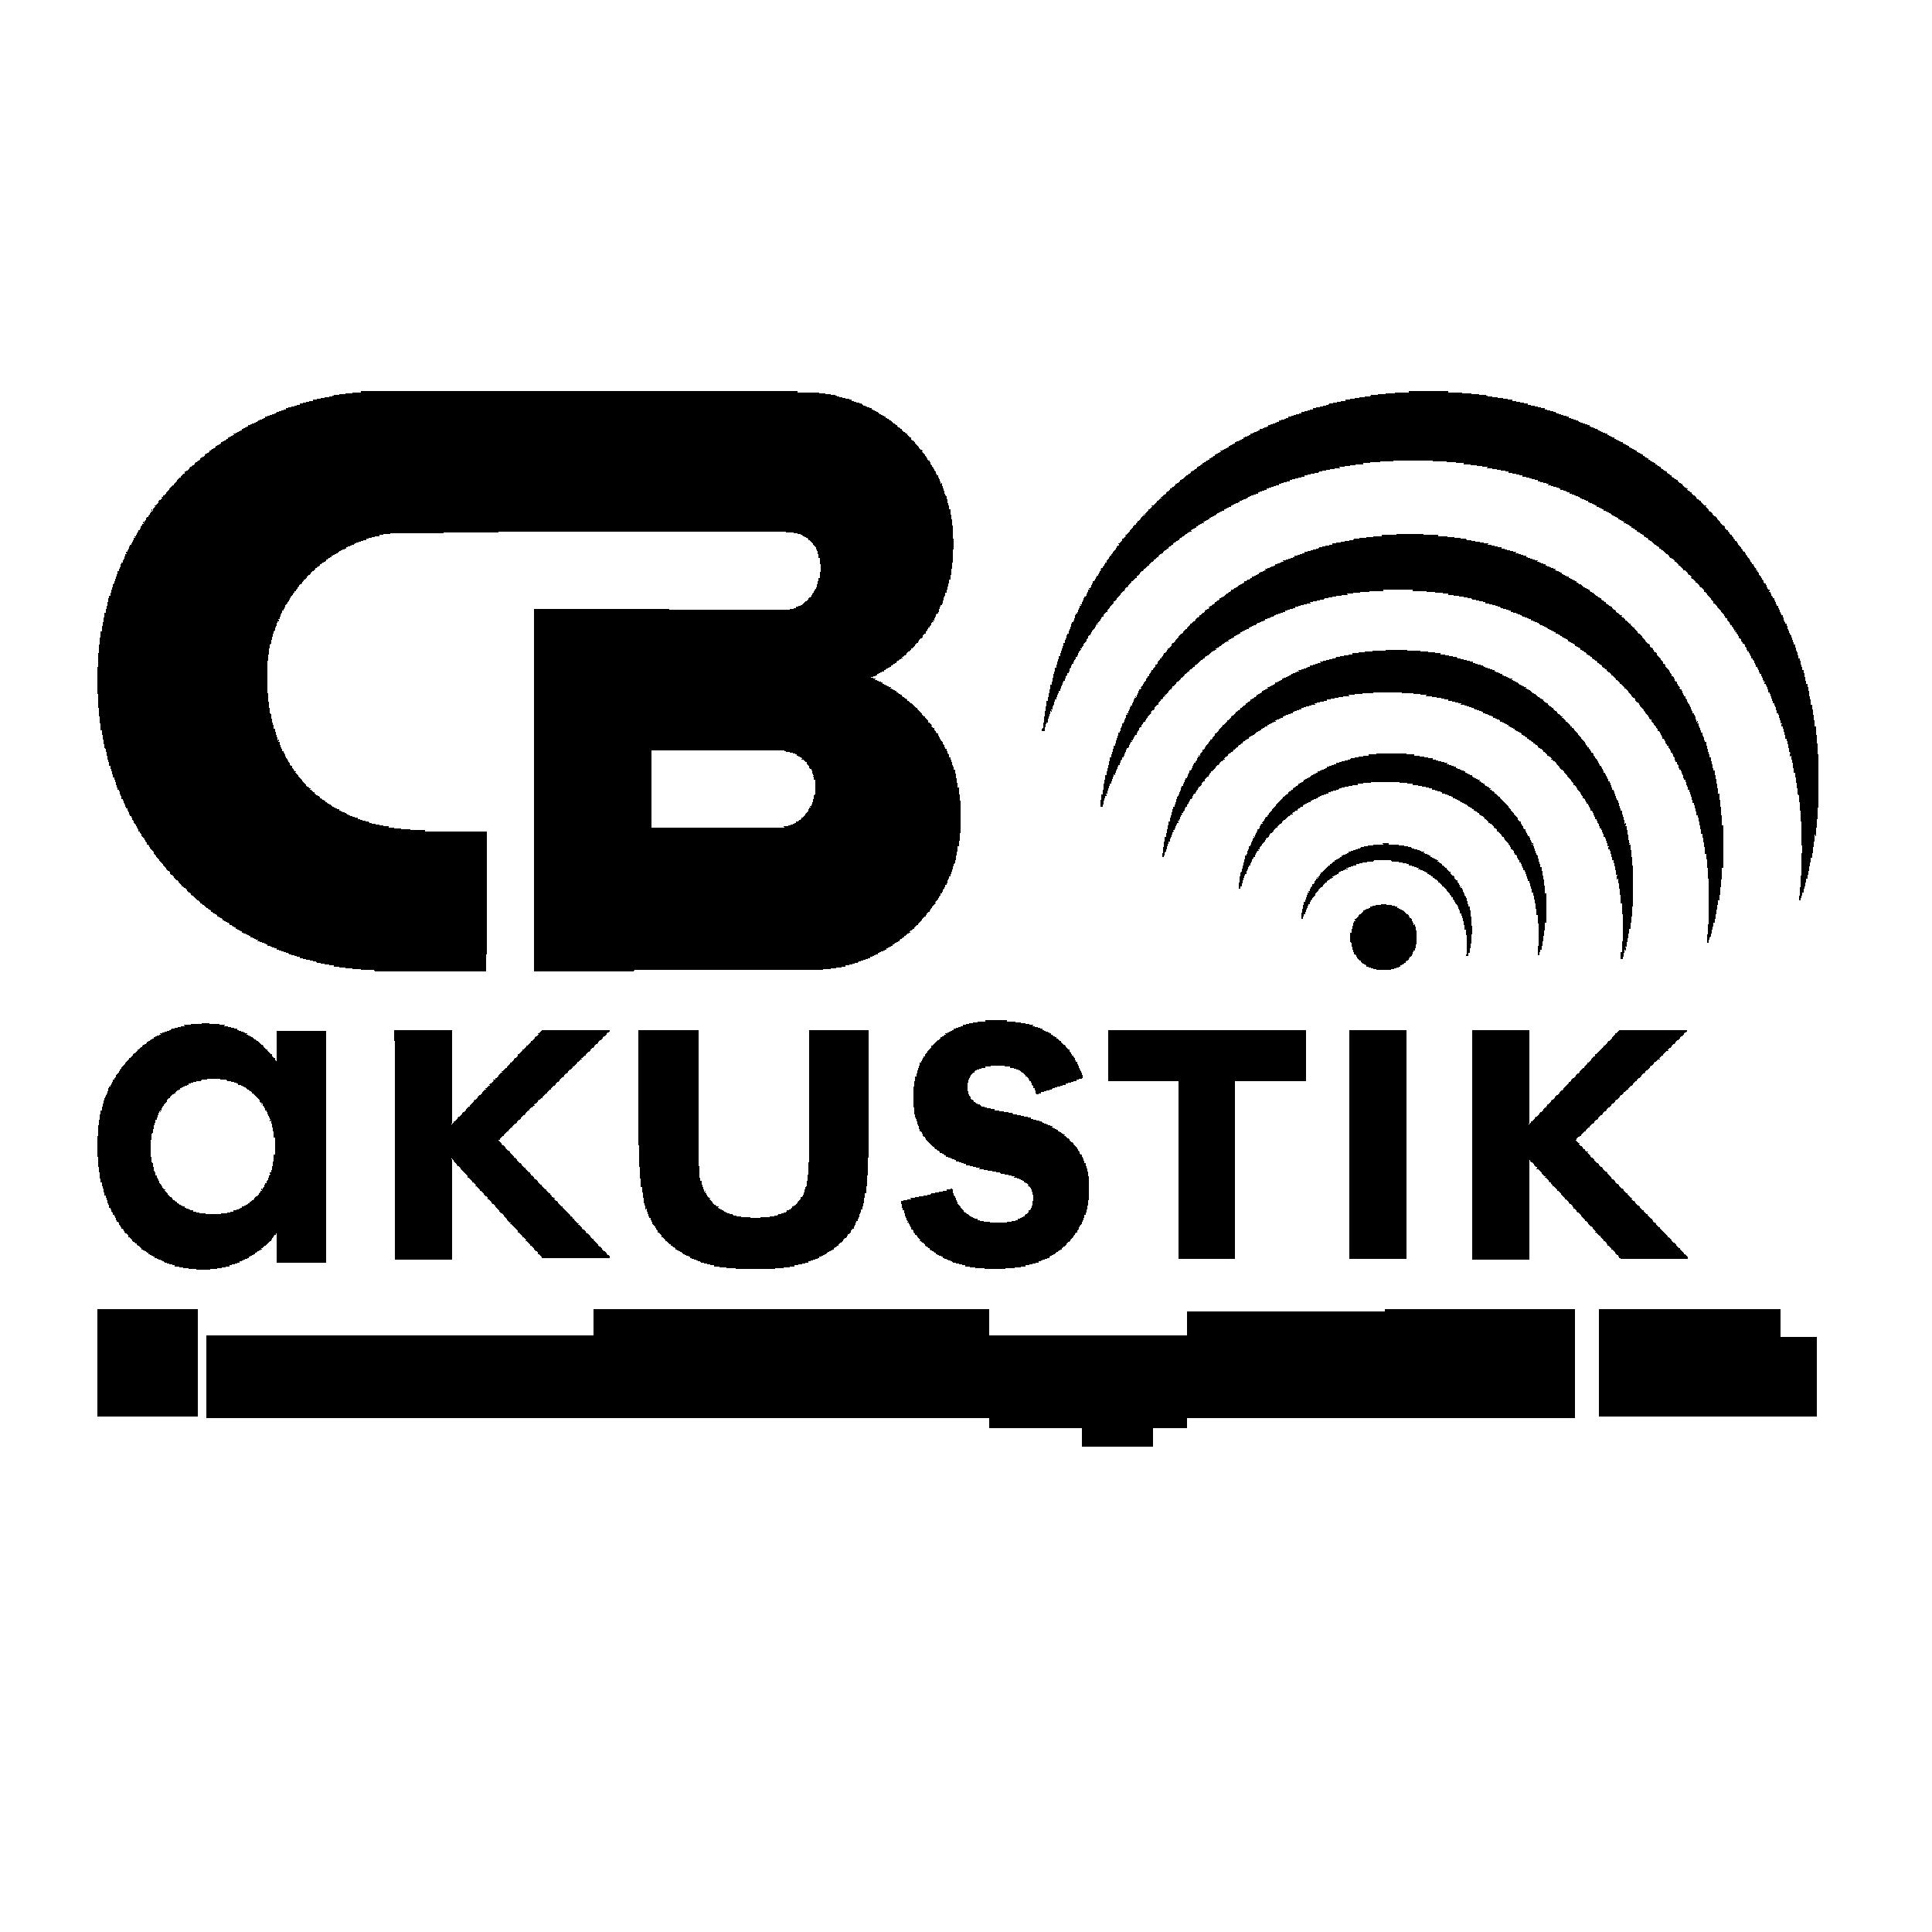 Logo der CB Akustik e.K.